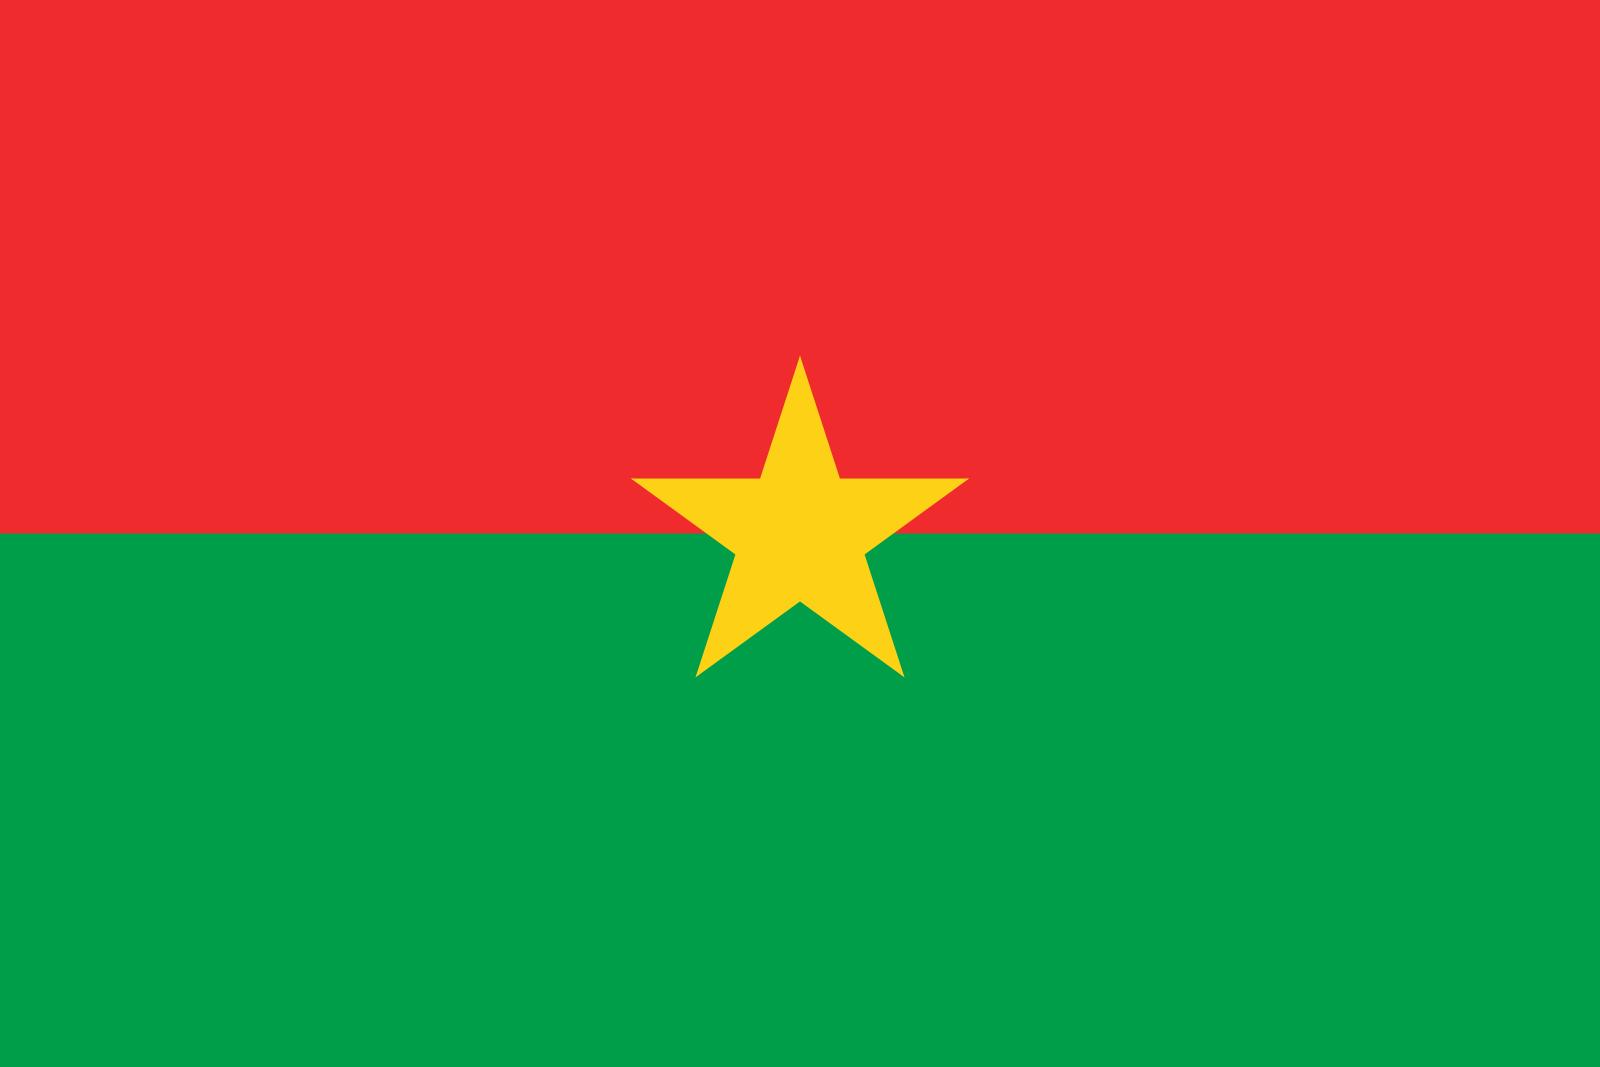 imagenes de banderas hd82 200 Imágenes de Banderas en HD (Wallpapers)